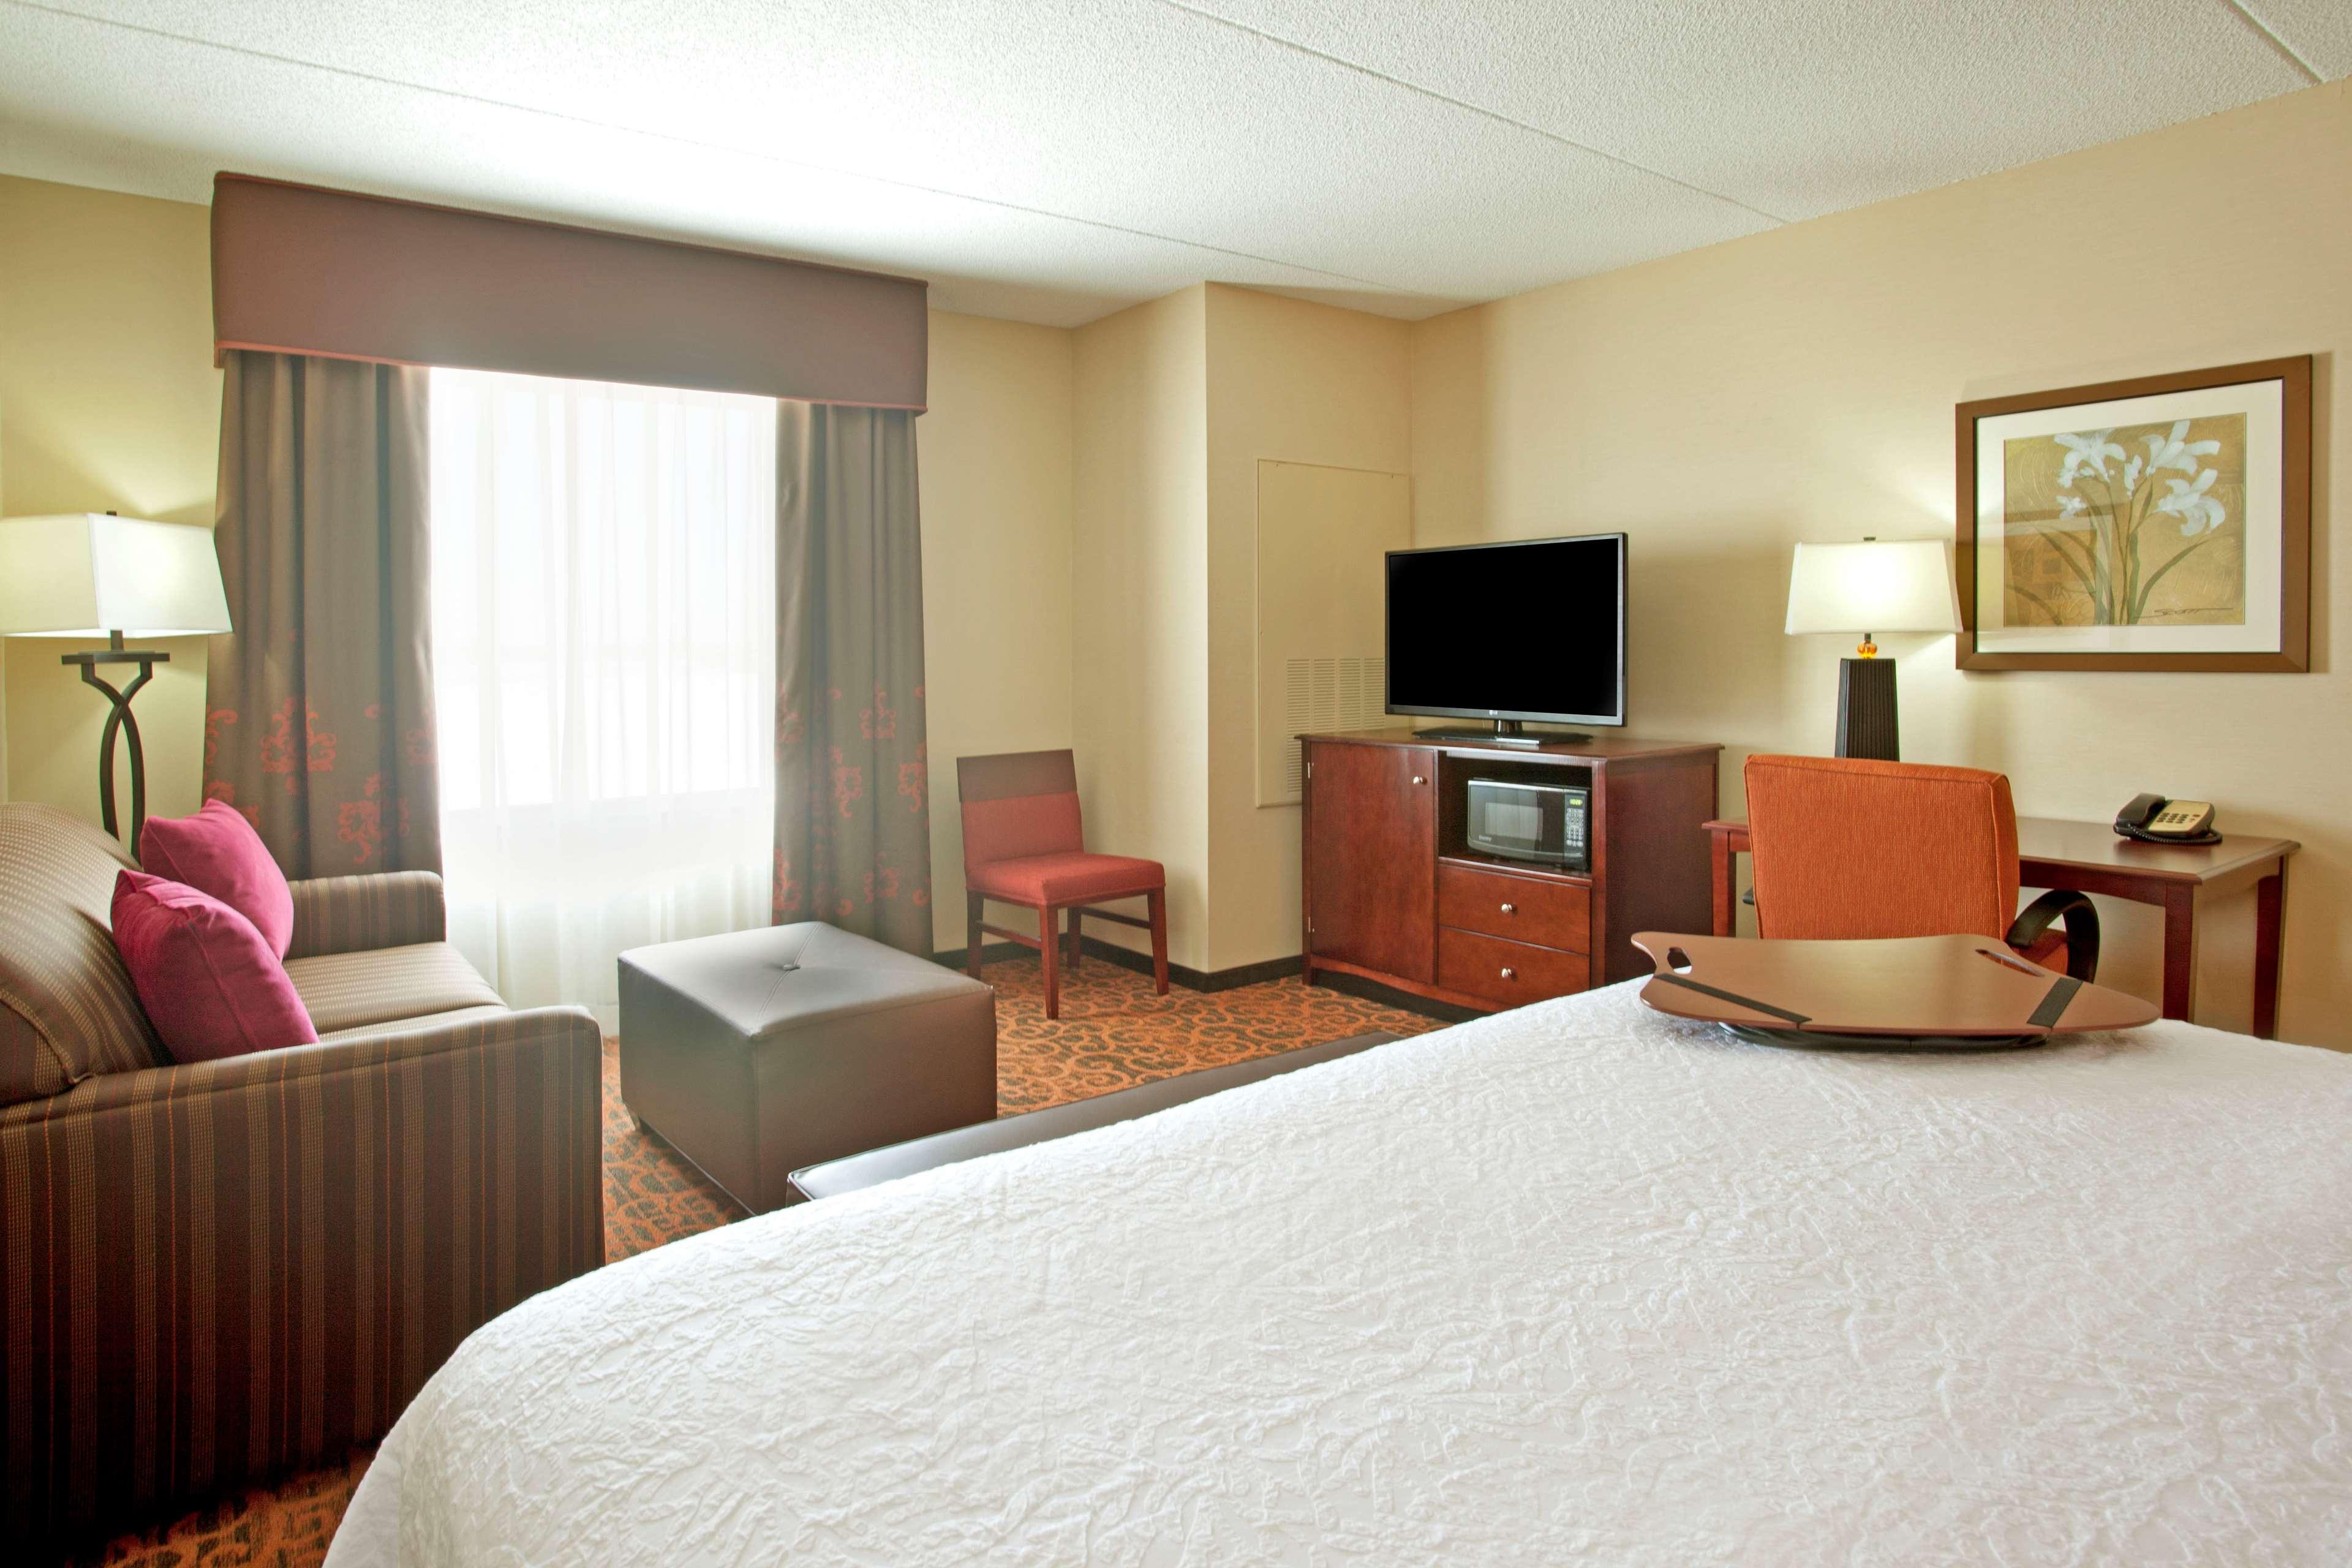 Hampton Inn Suites Minneapolis St Paul Arpt-Mall of America image 15